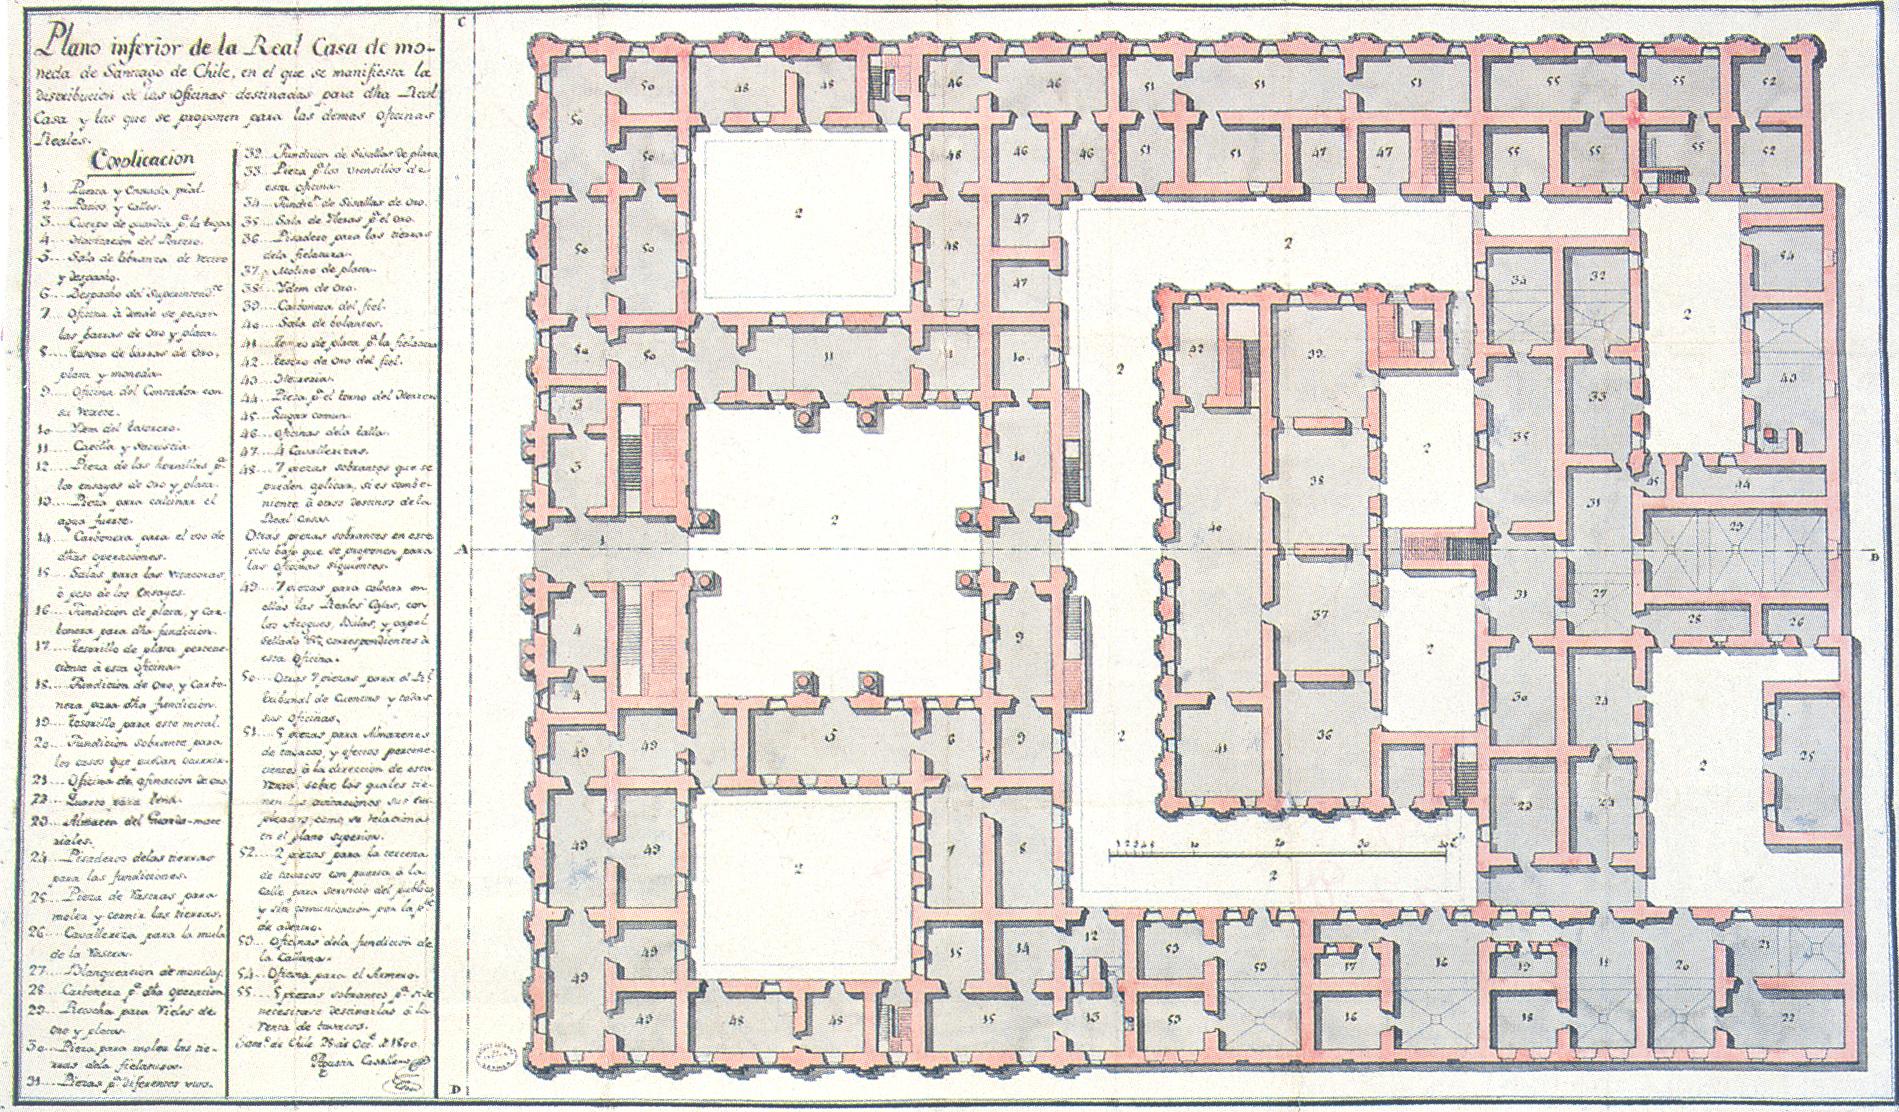 File plano inferior de la real casa de moneda - Plano de la casa ...